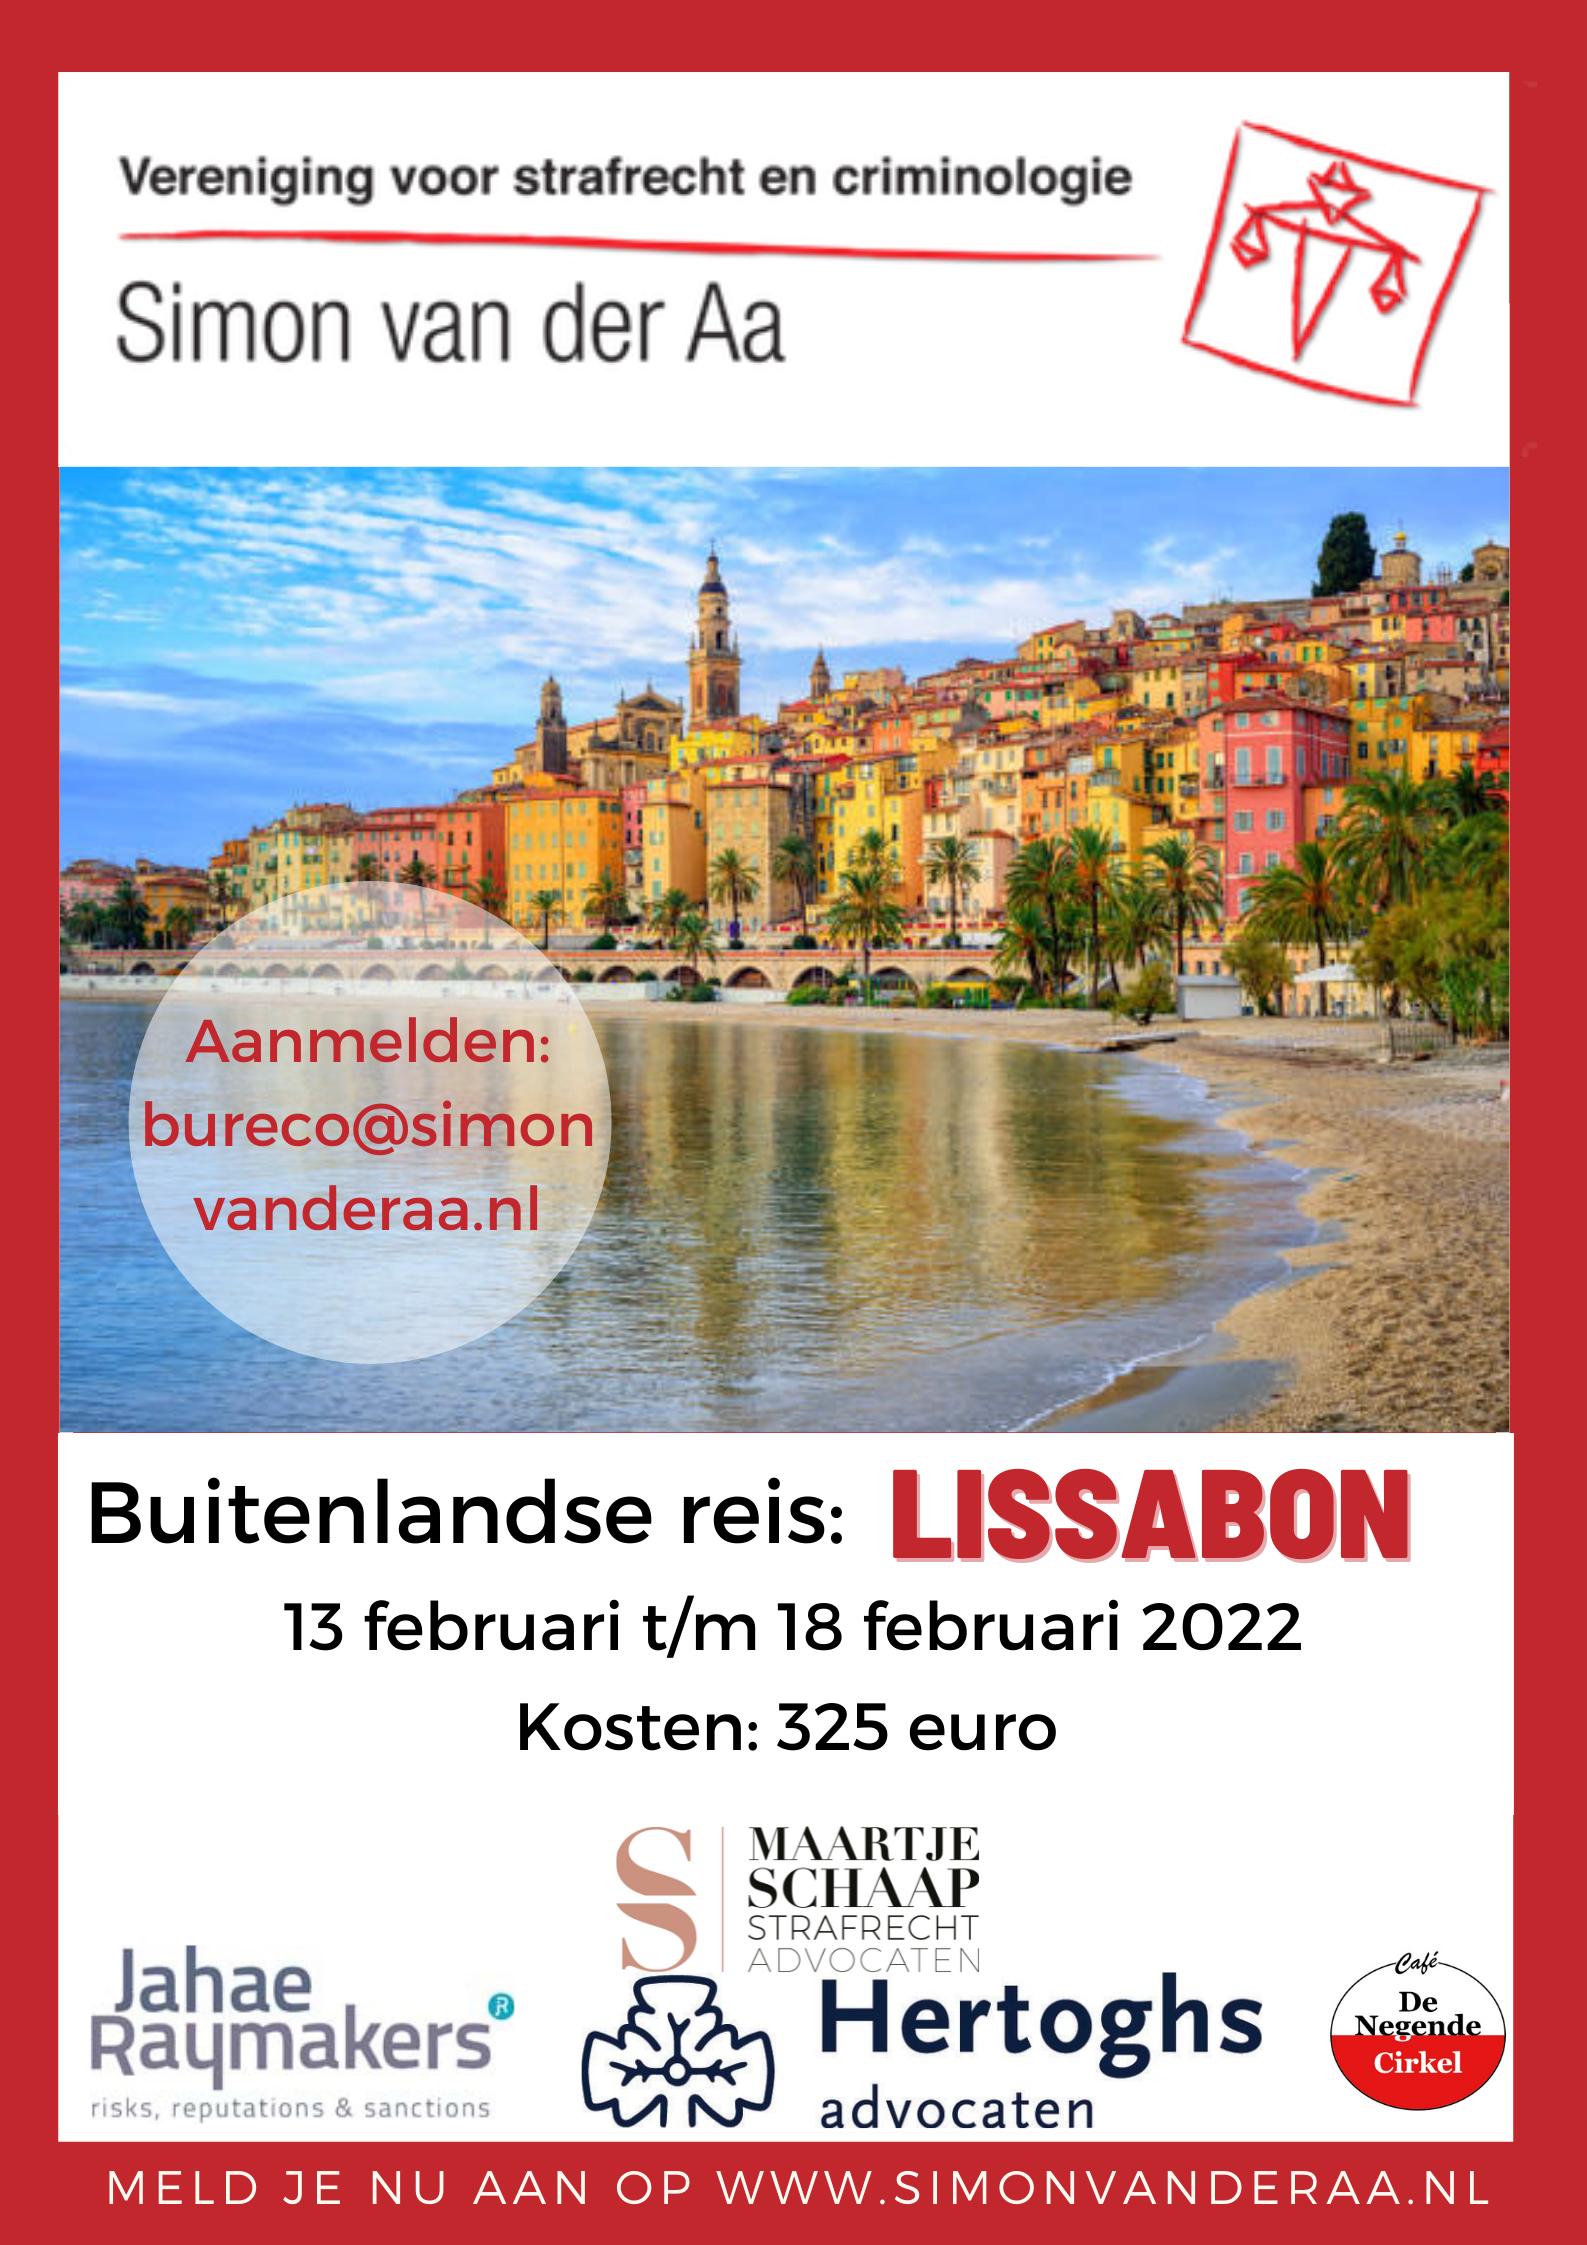 Buitenlandse Reis Lissabon